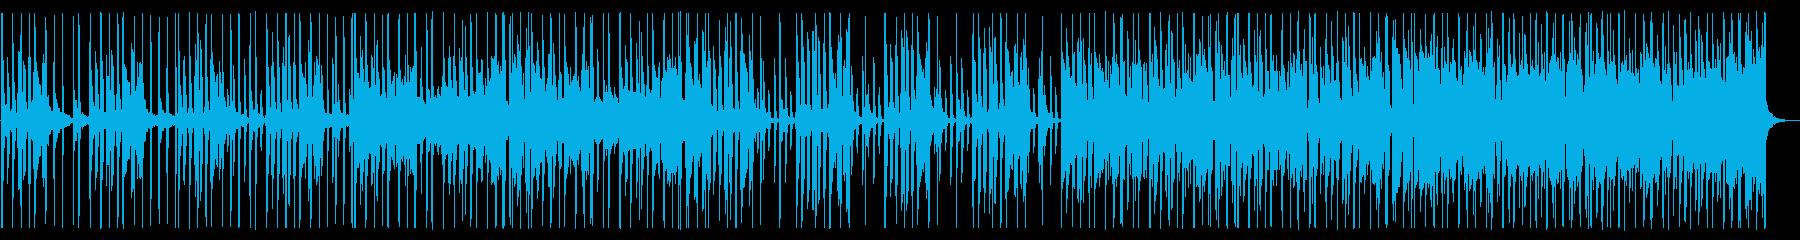 土臭い/ファンク_No497_1の再生済みの波形